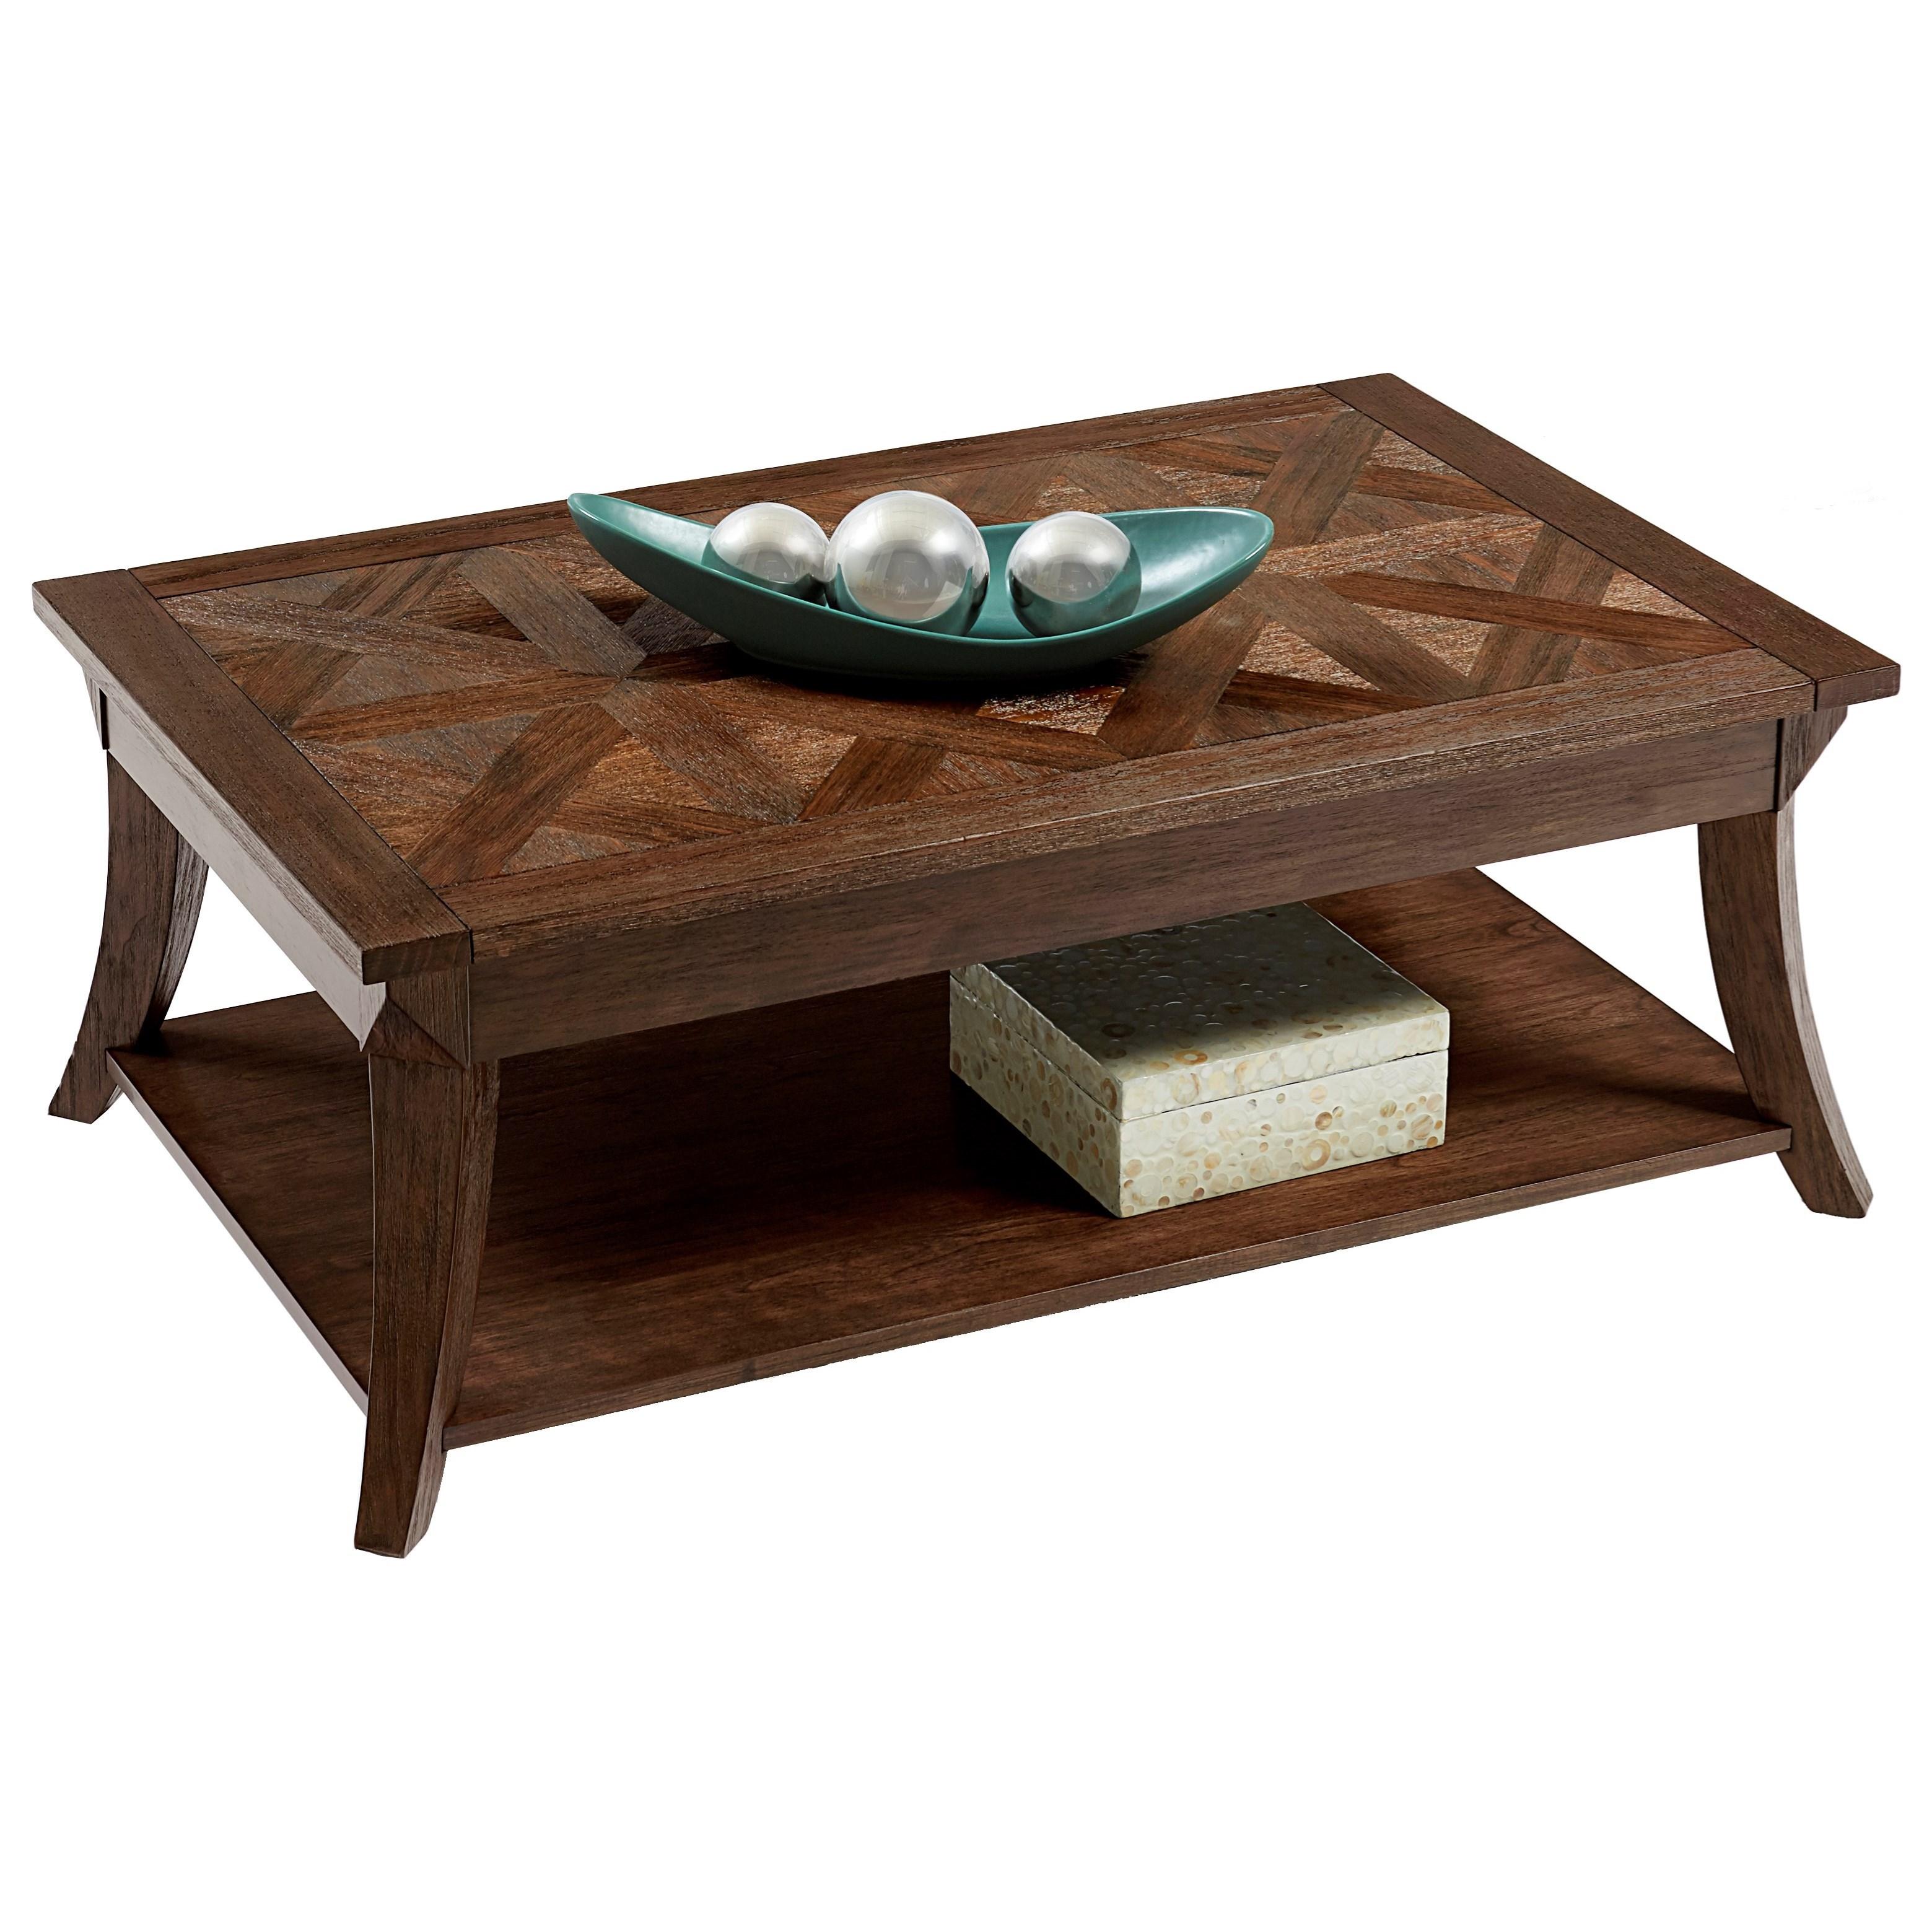 Progressive Furniture Appeal I Rectangular Cocktail Table - Item Number: T357-01